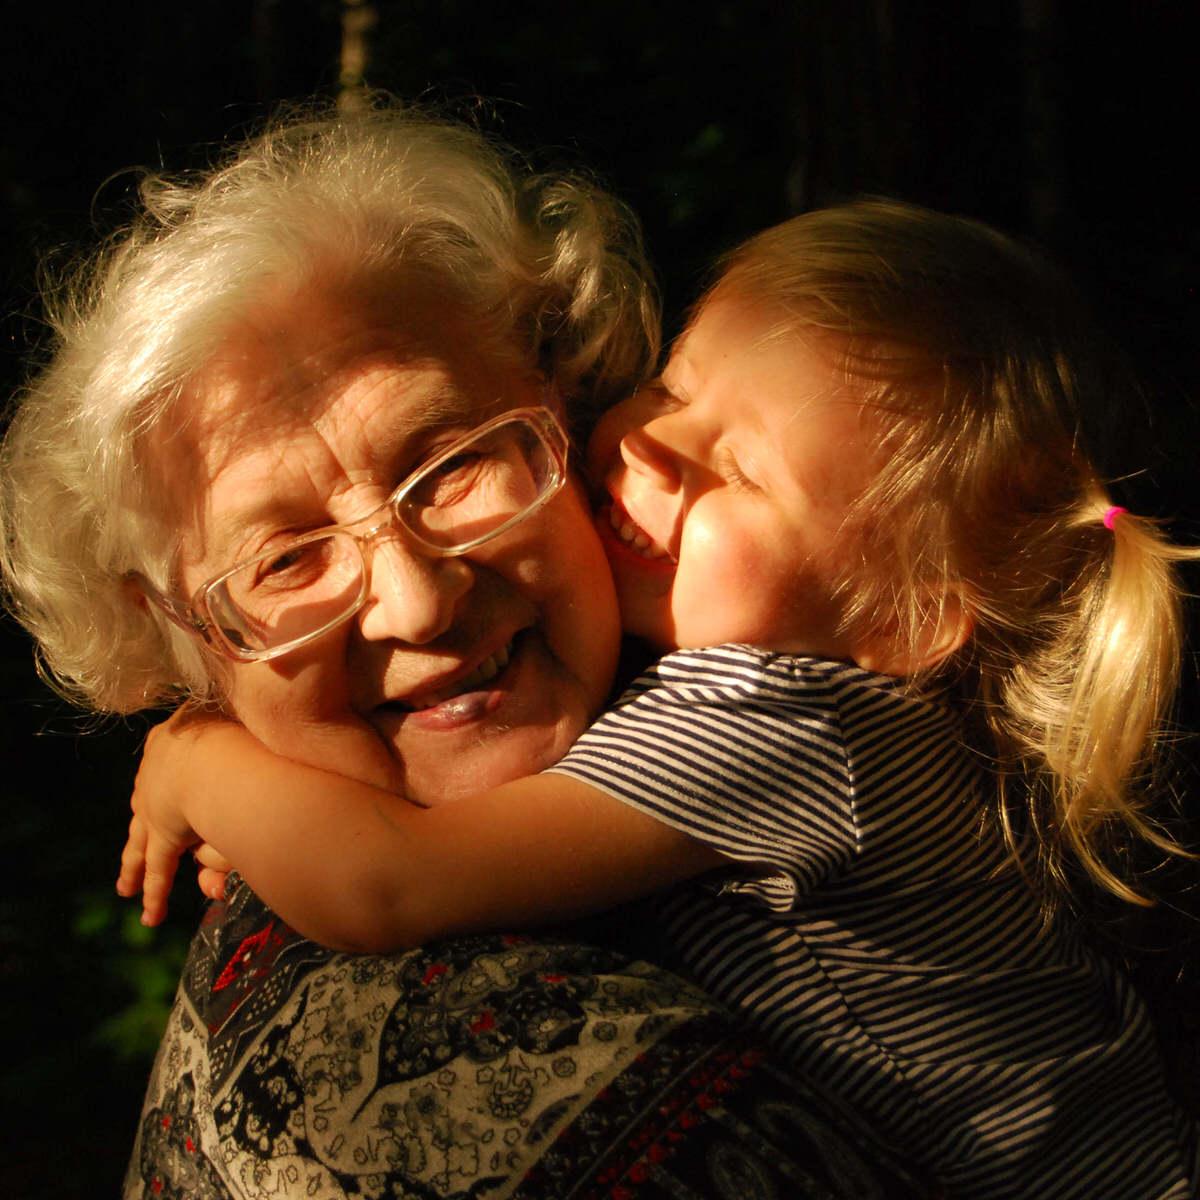 Se concederá el régimen de visitas a abuelos y tíos siempre que favorezca el interés del menor.